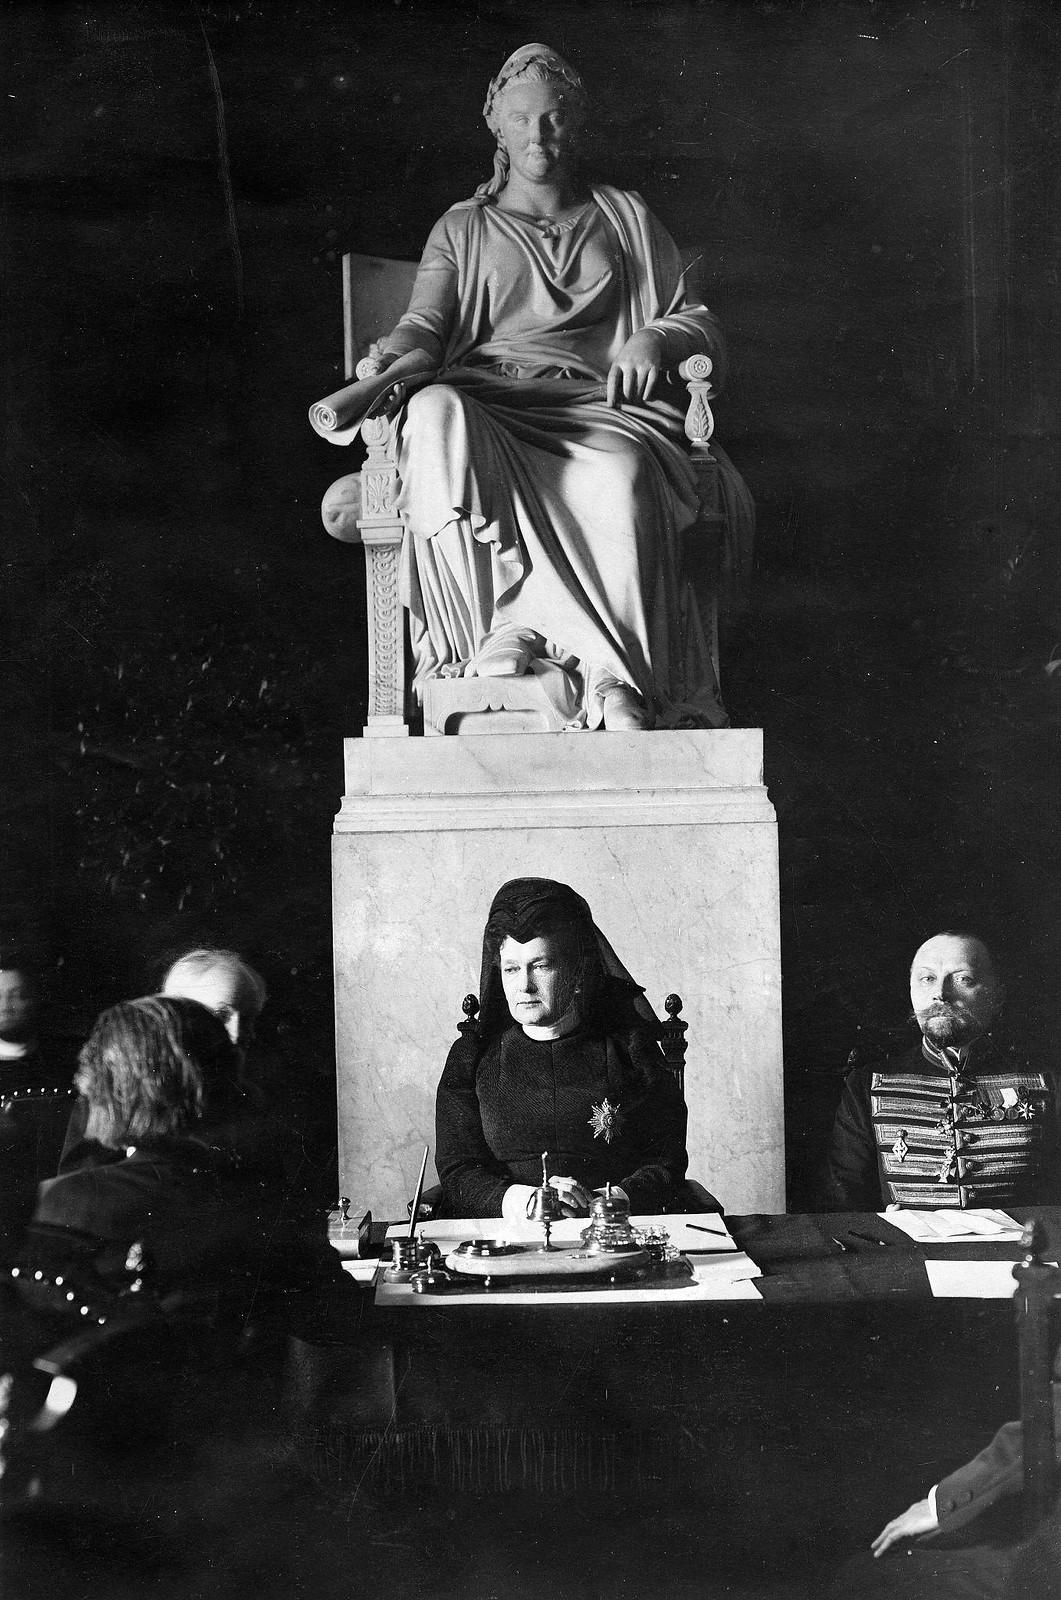 1910. Великая княгиня Мария Павловна, президент Академии художеств на заседании Академии